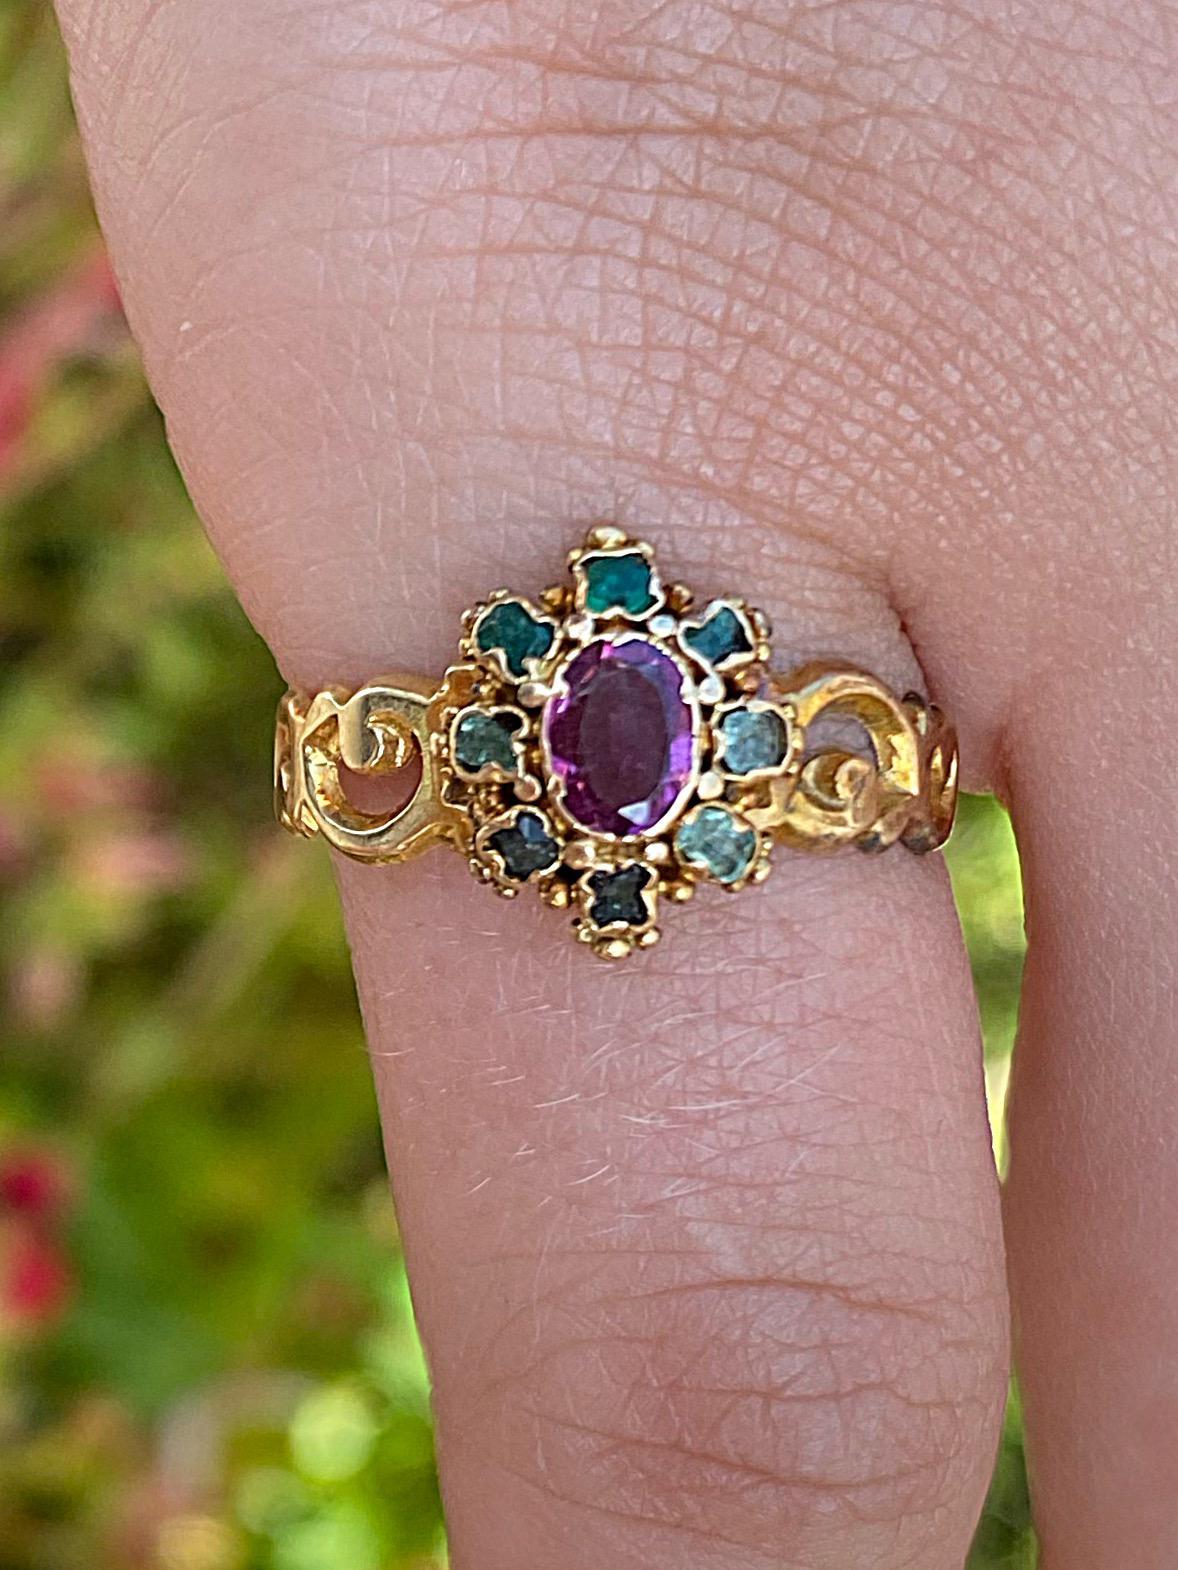 טבעת עתיקה, זהב 18k, עם אבן גרנט ואבני אמרלד מסביבה.